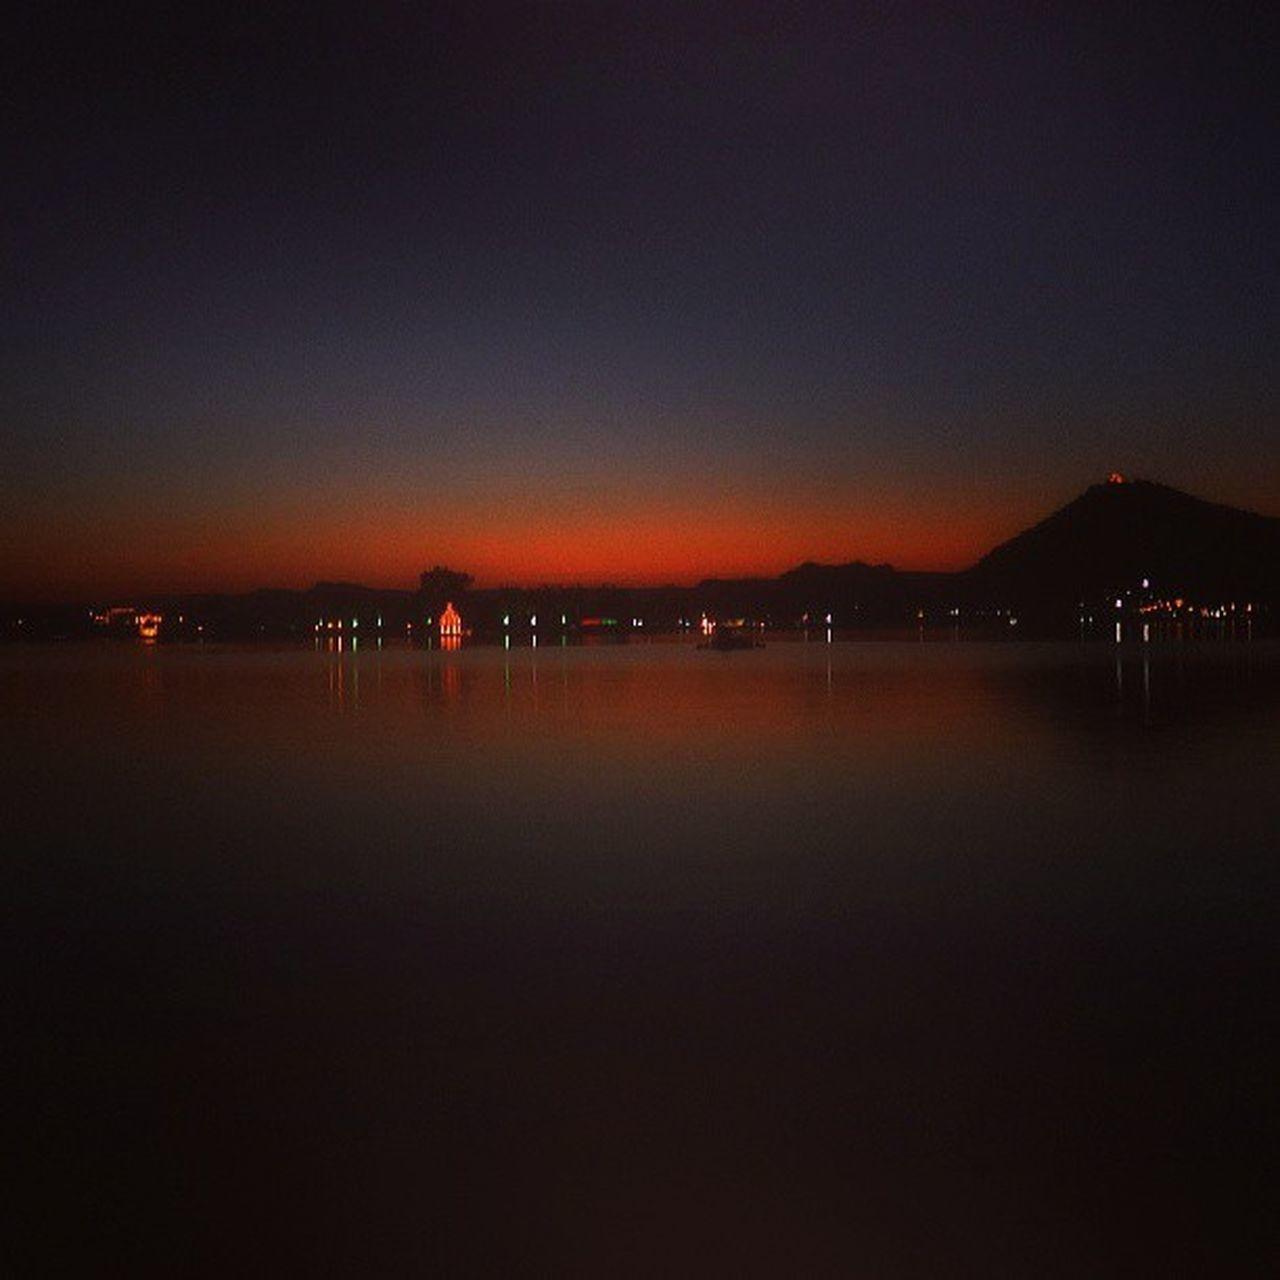 Home Fatehsagar Shadows Lights Udaipur